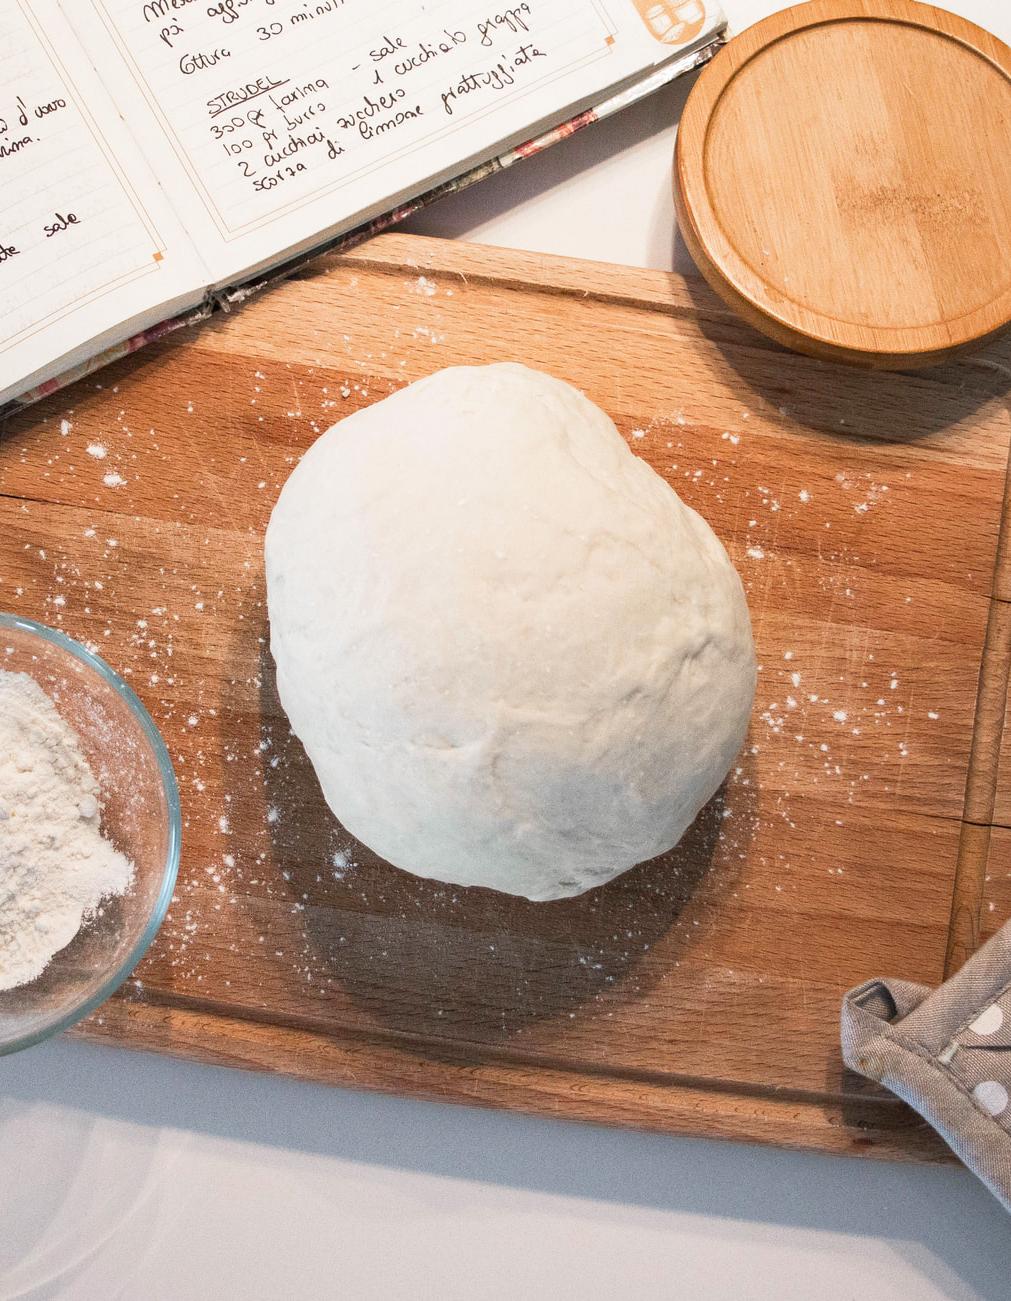 quel type de farine pour quelle utilisation